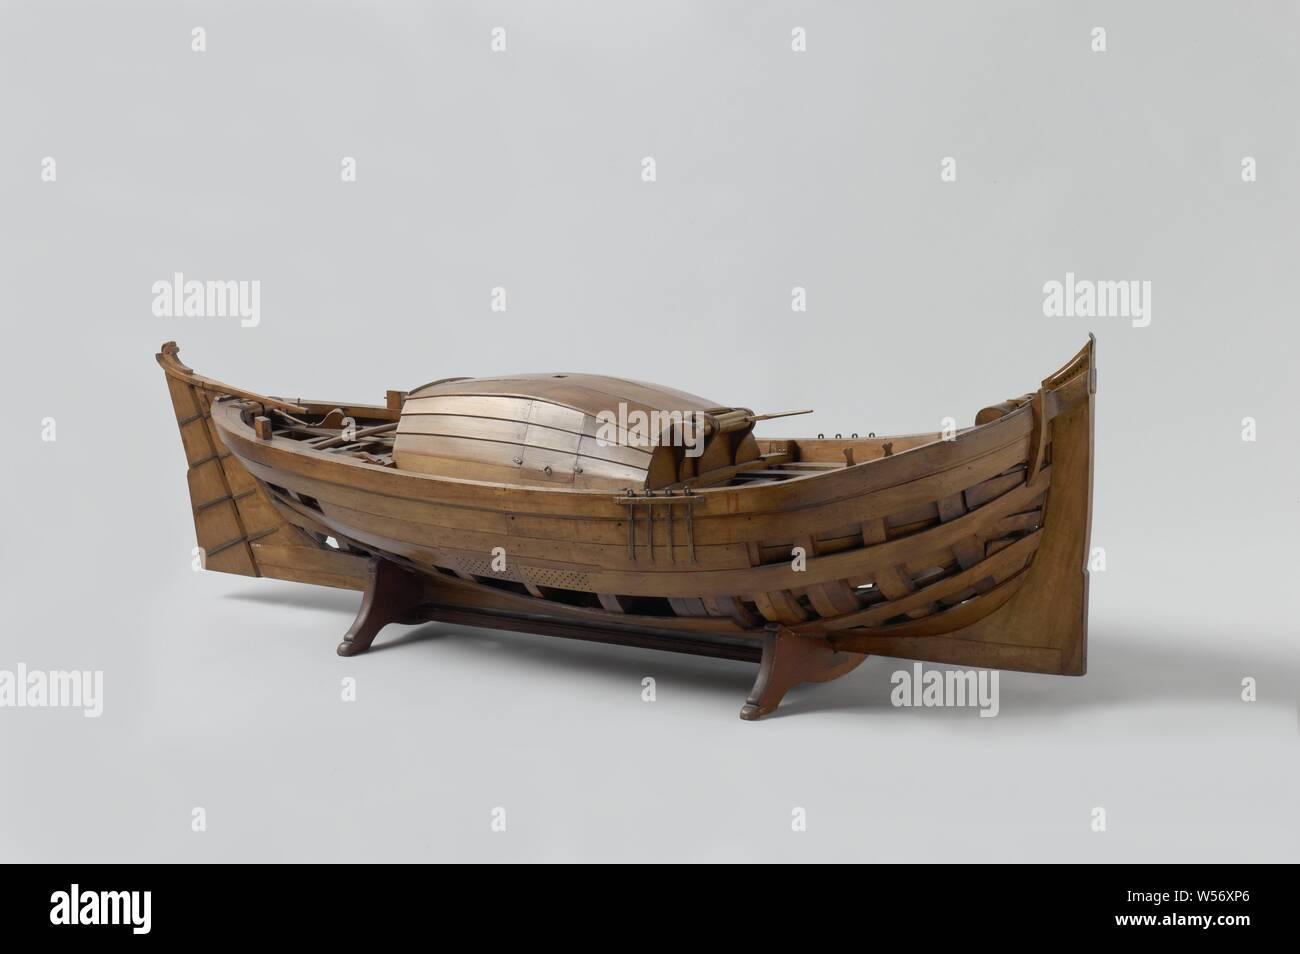 Ship Model Construction Stock Photos & Ship Model